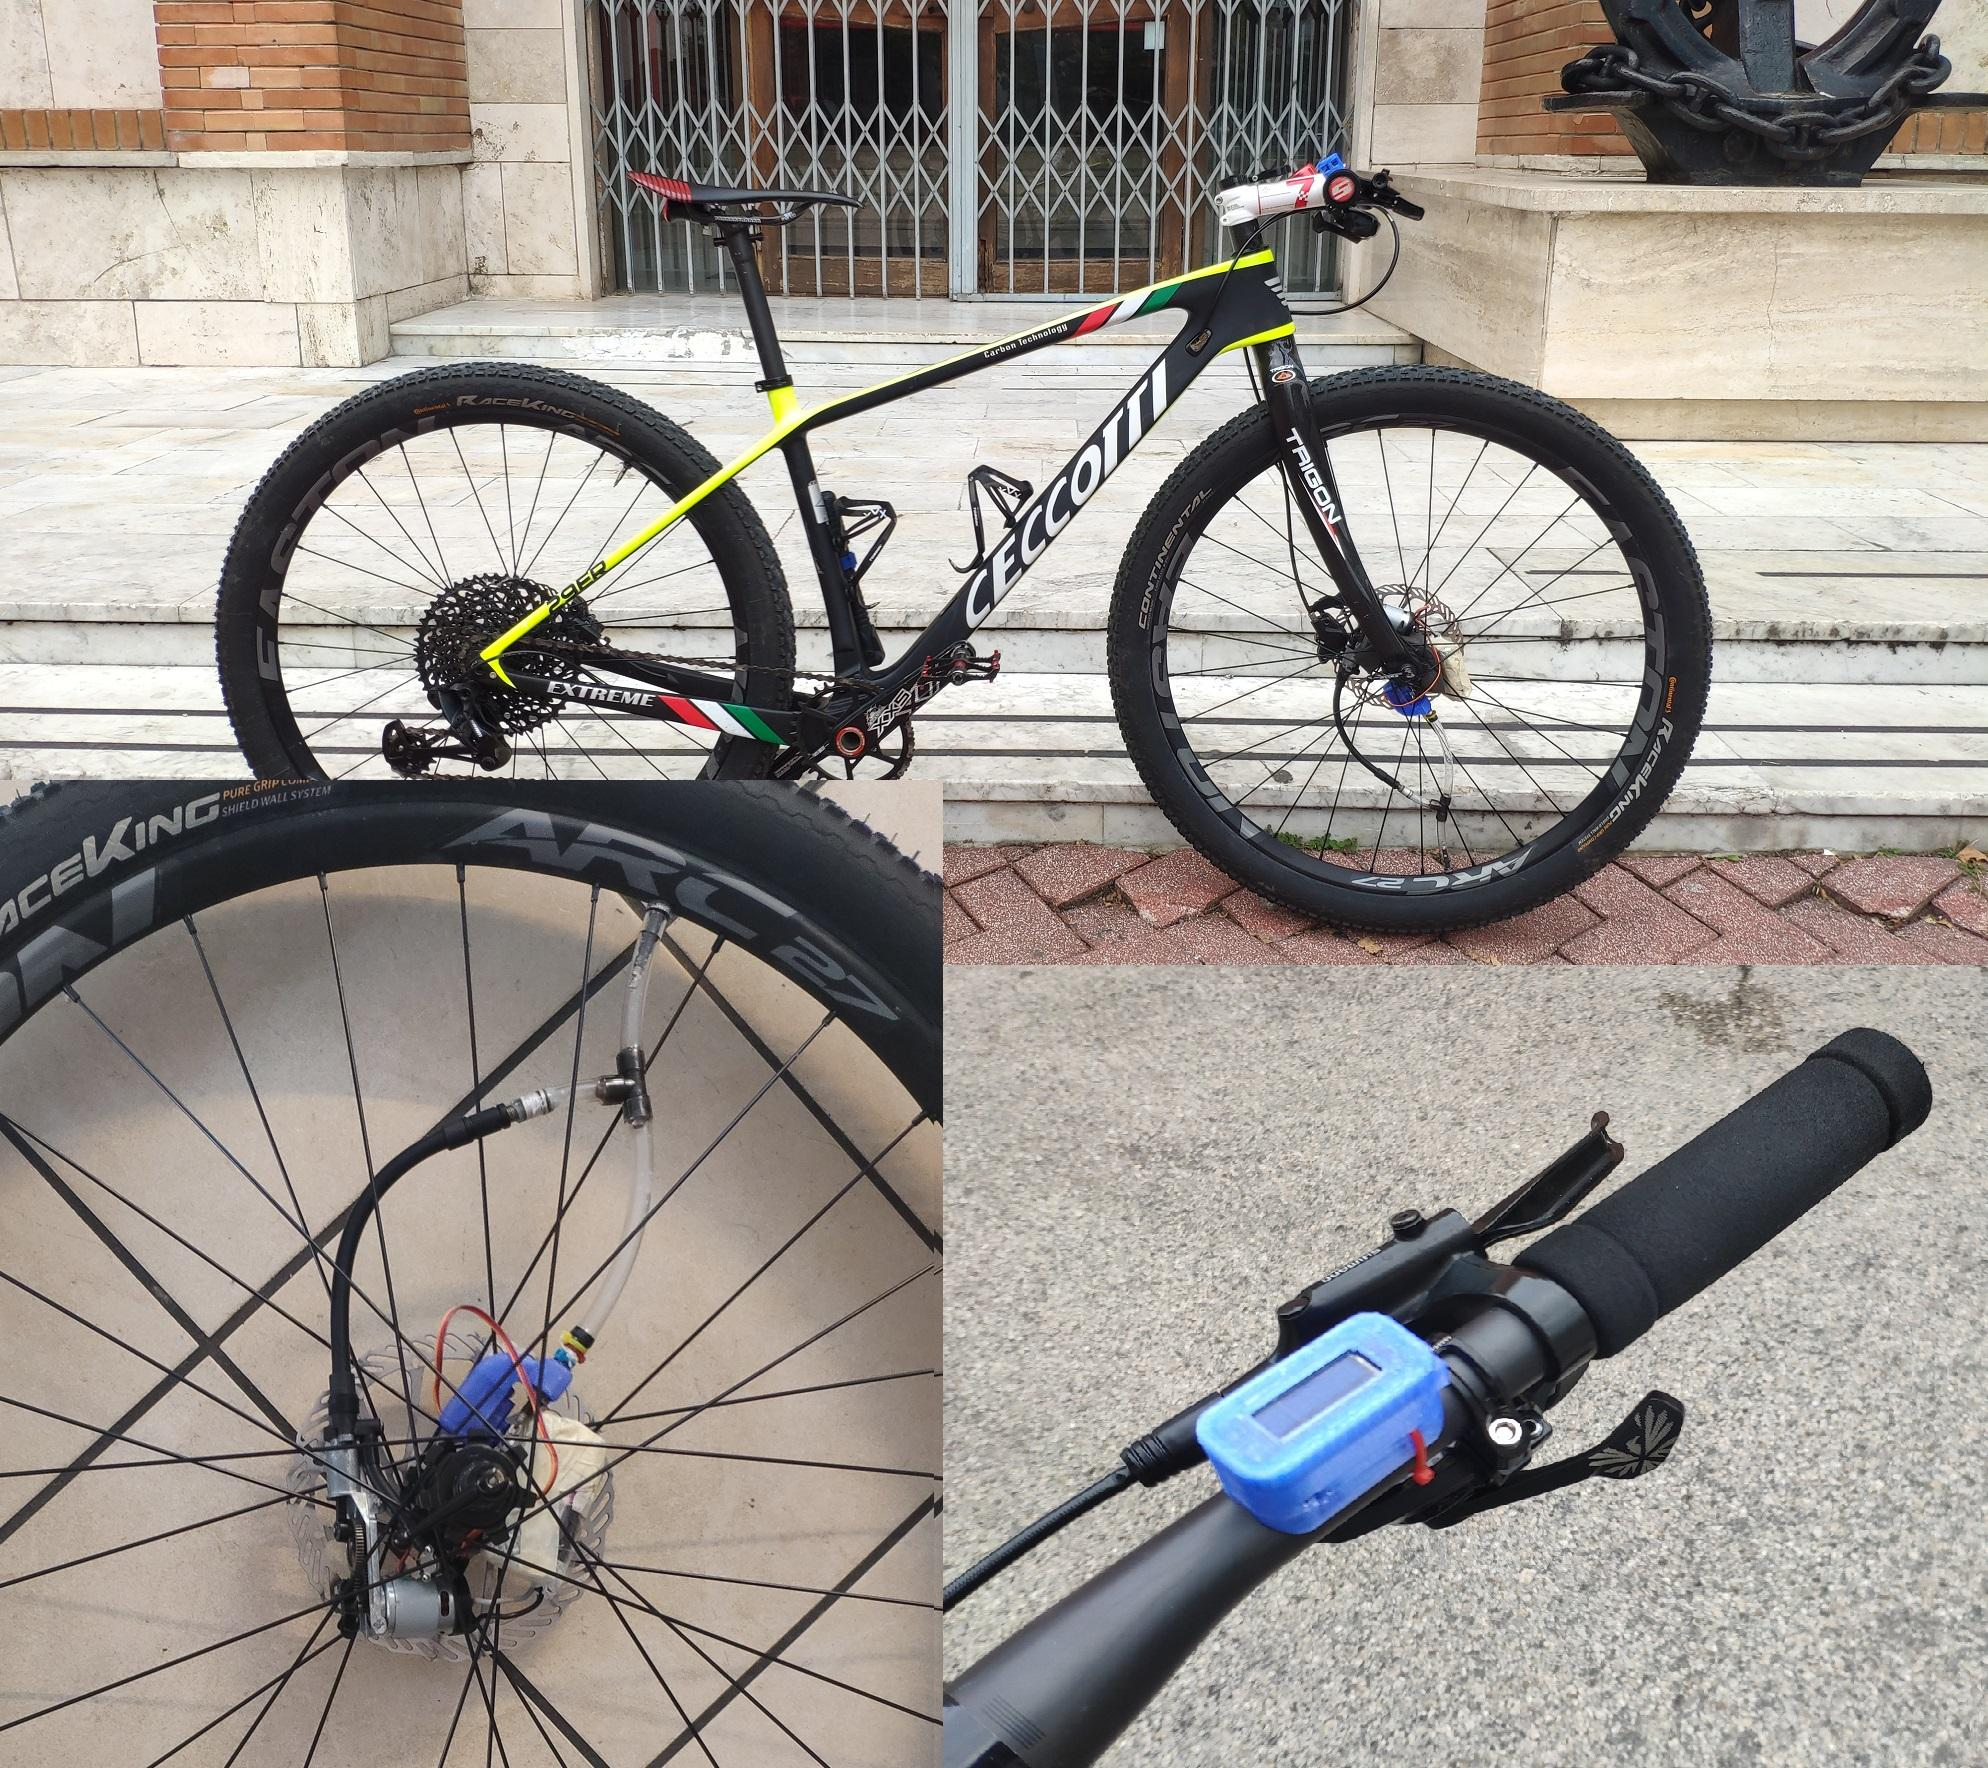 Variatore e regolatore della pressione dello pneumatico durante la marcia del veicolo applicato ad una bici mountain bike.